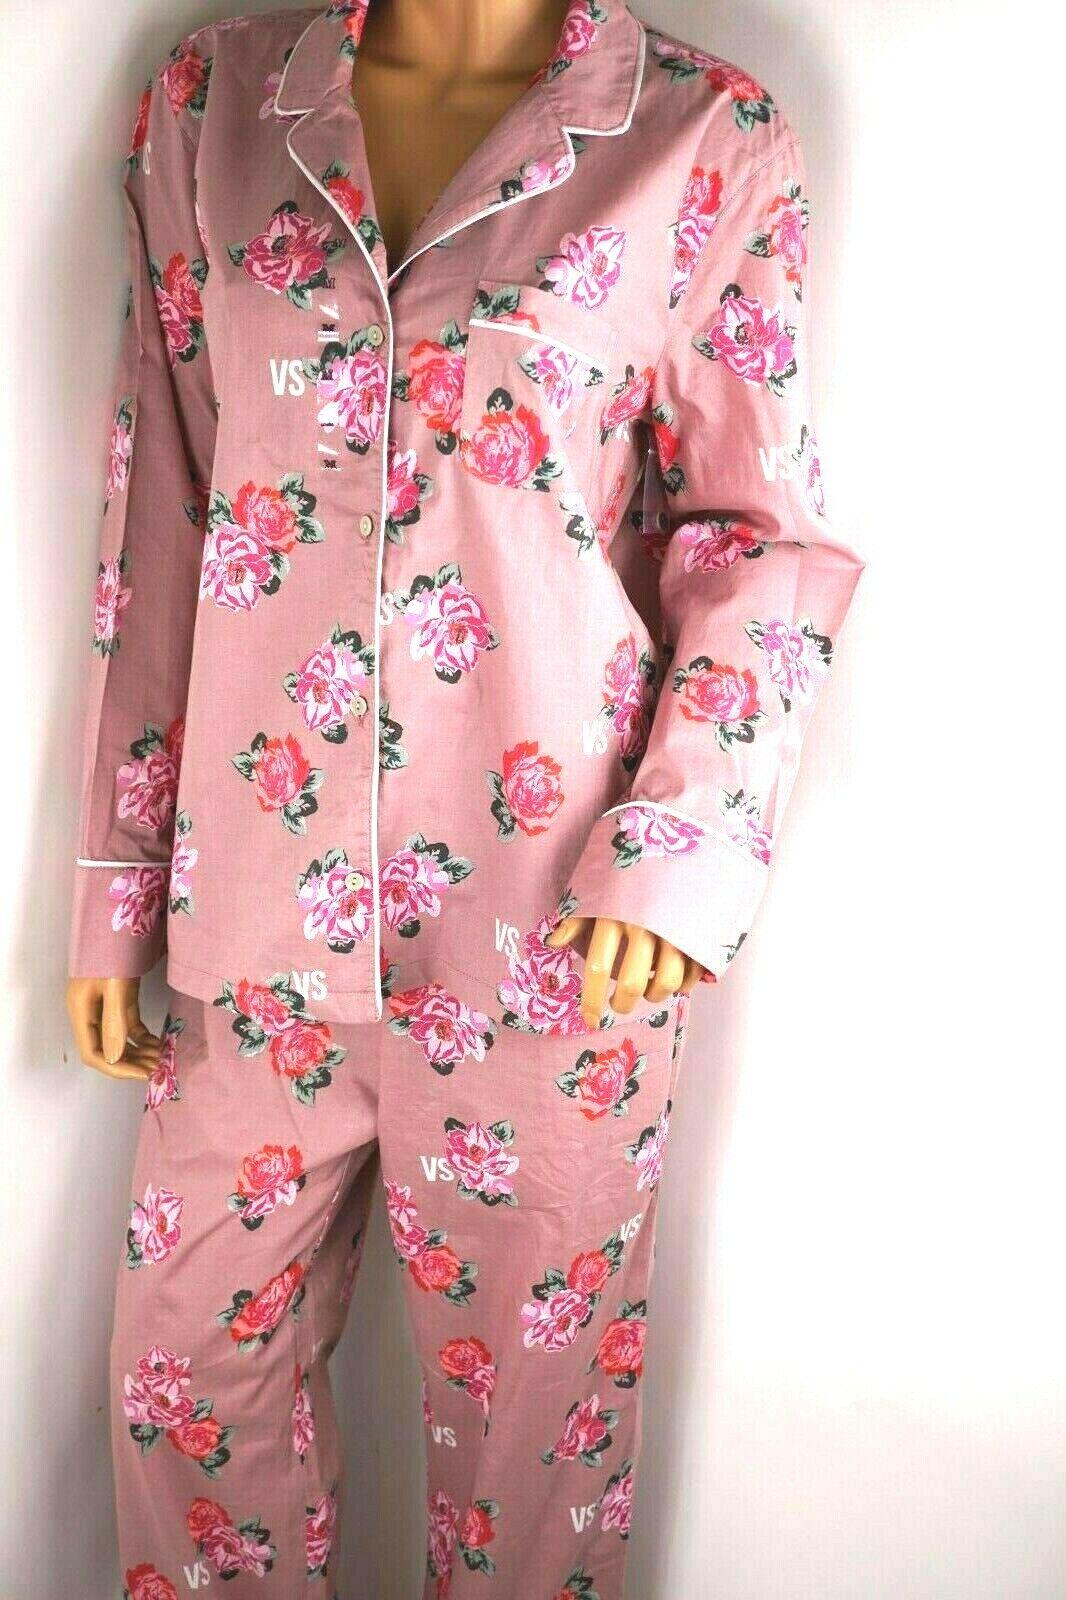 VICTORIA'S Secret Floral Purpurina Ligero Algodón Sleeping Pijama Pj 2 Pzas